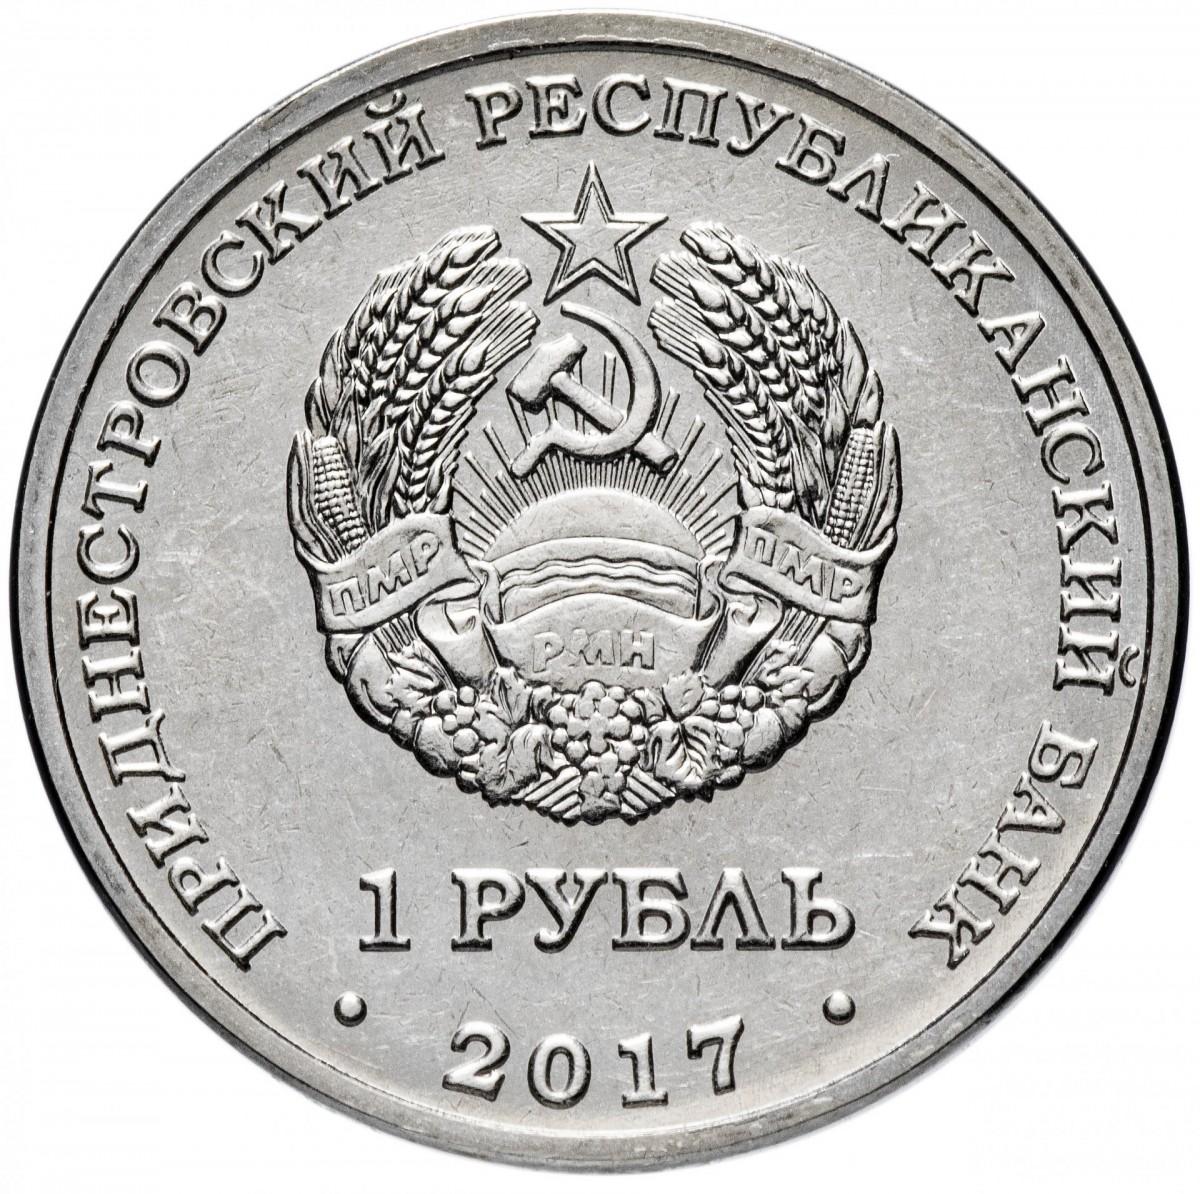 Приднестровье 1 рубль 2017 года Чемпионат мира по футболу 2018 года код 22188